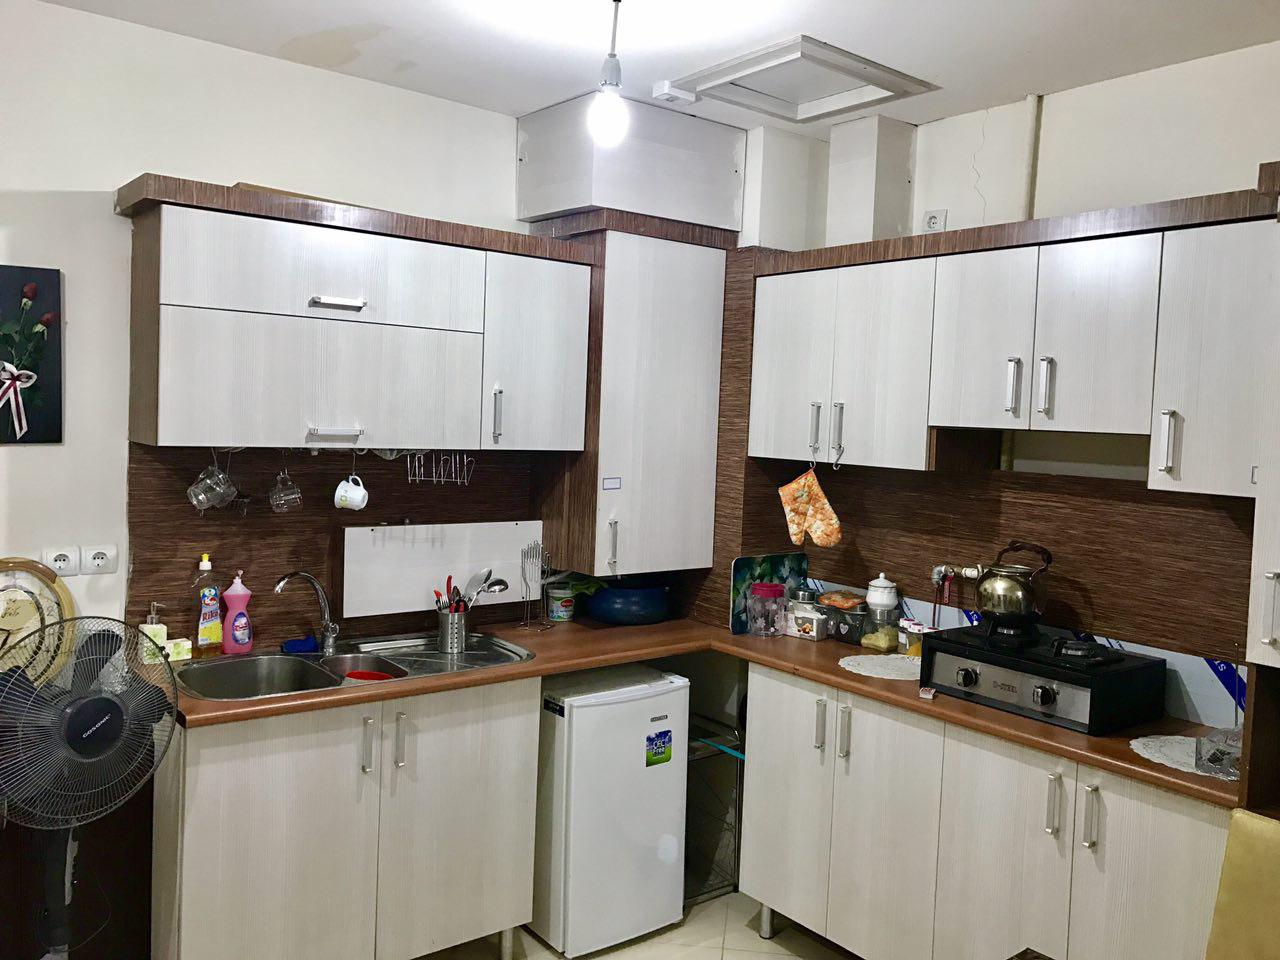 اجاره سوئیت منزل در همدان بصورت روزانه و شبانه